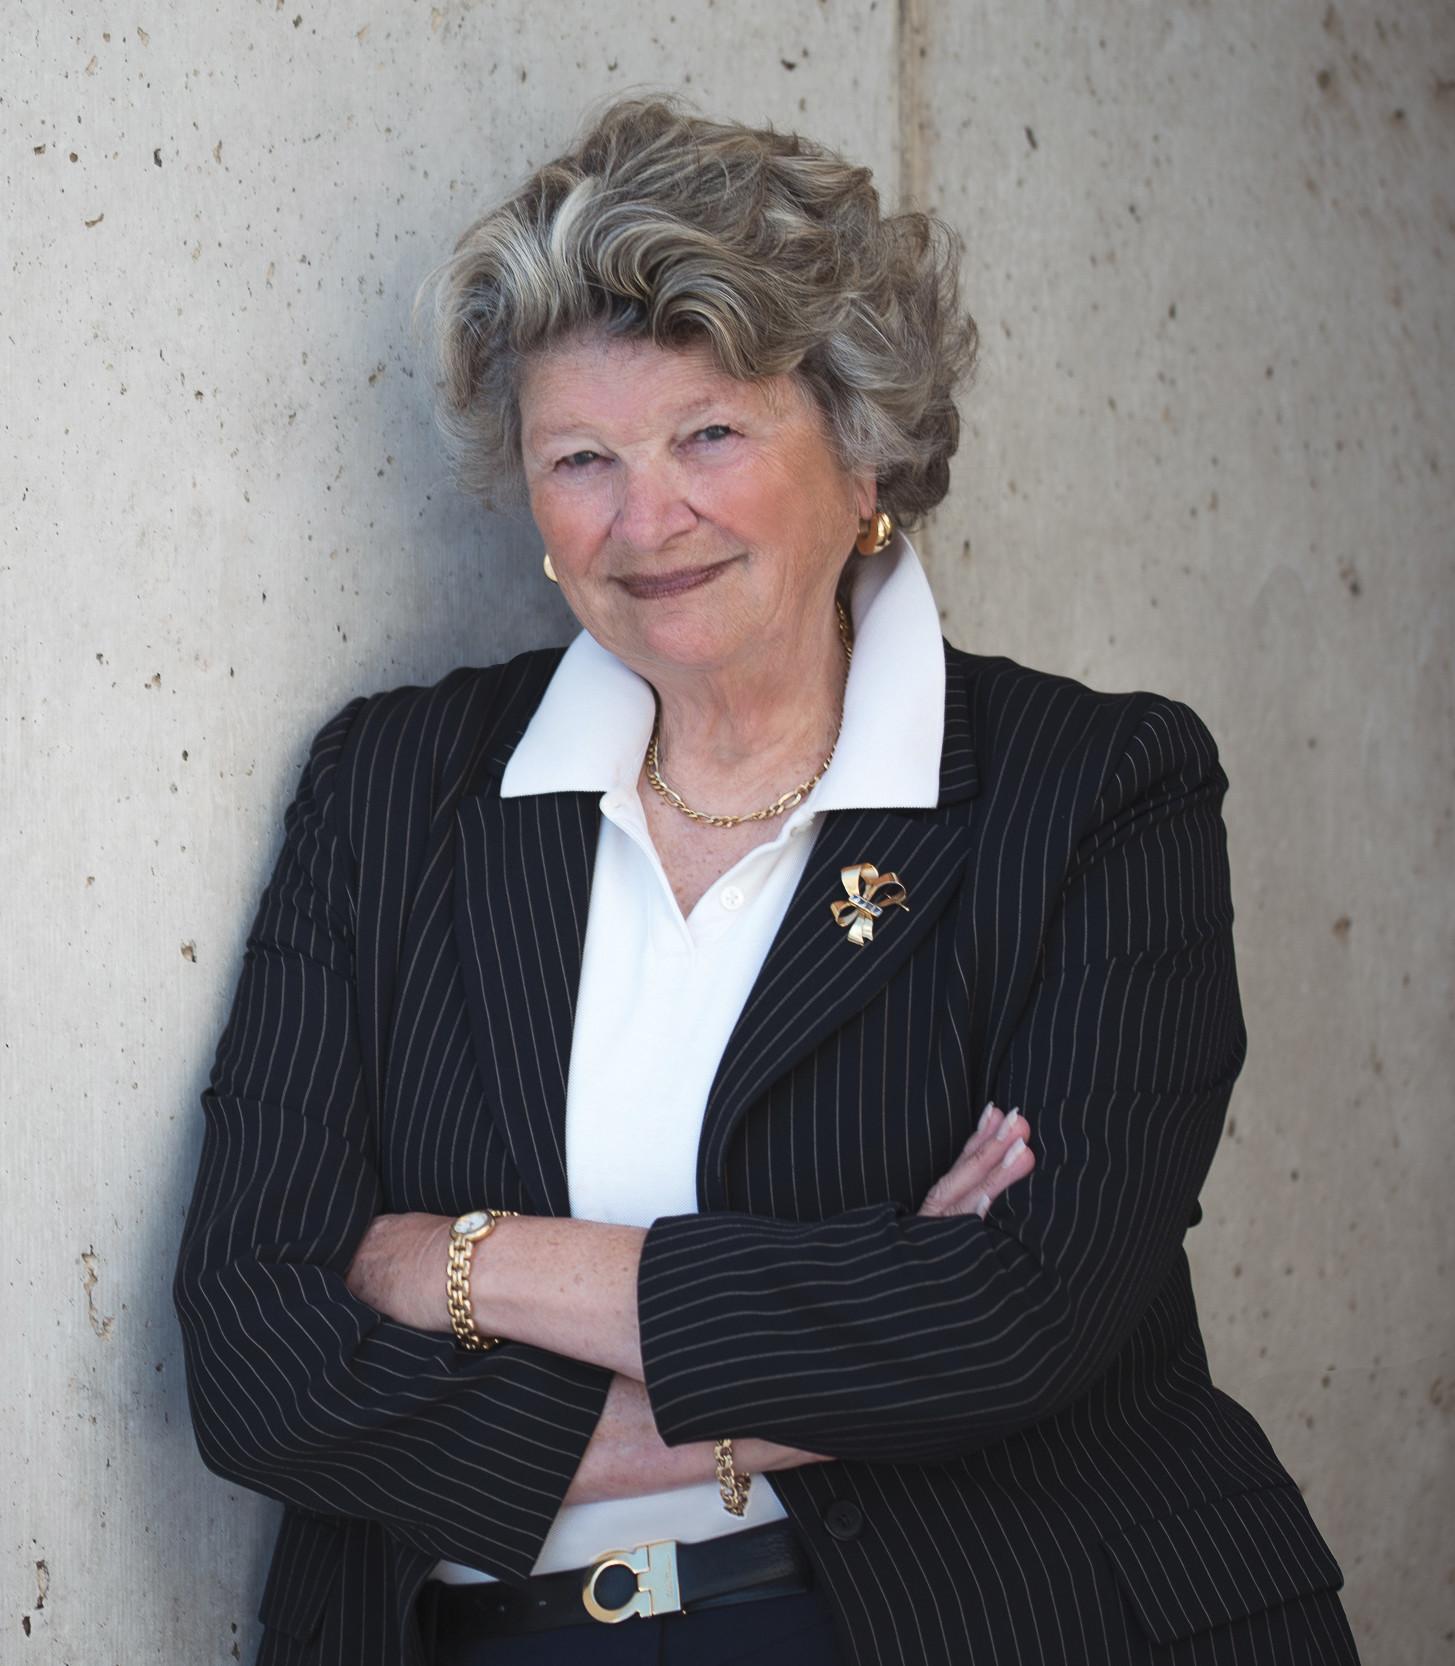 Dr. Mary Walshok